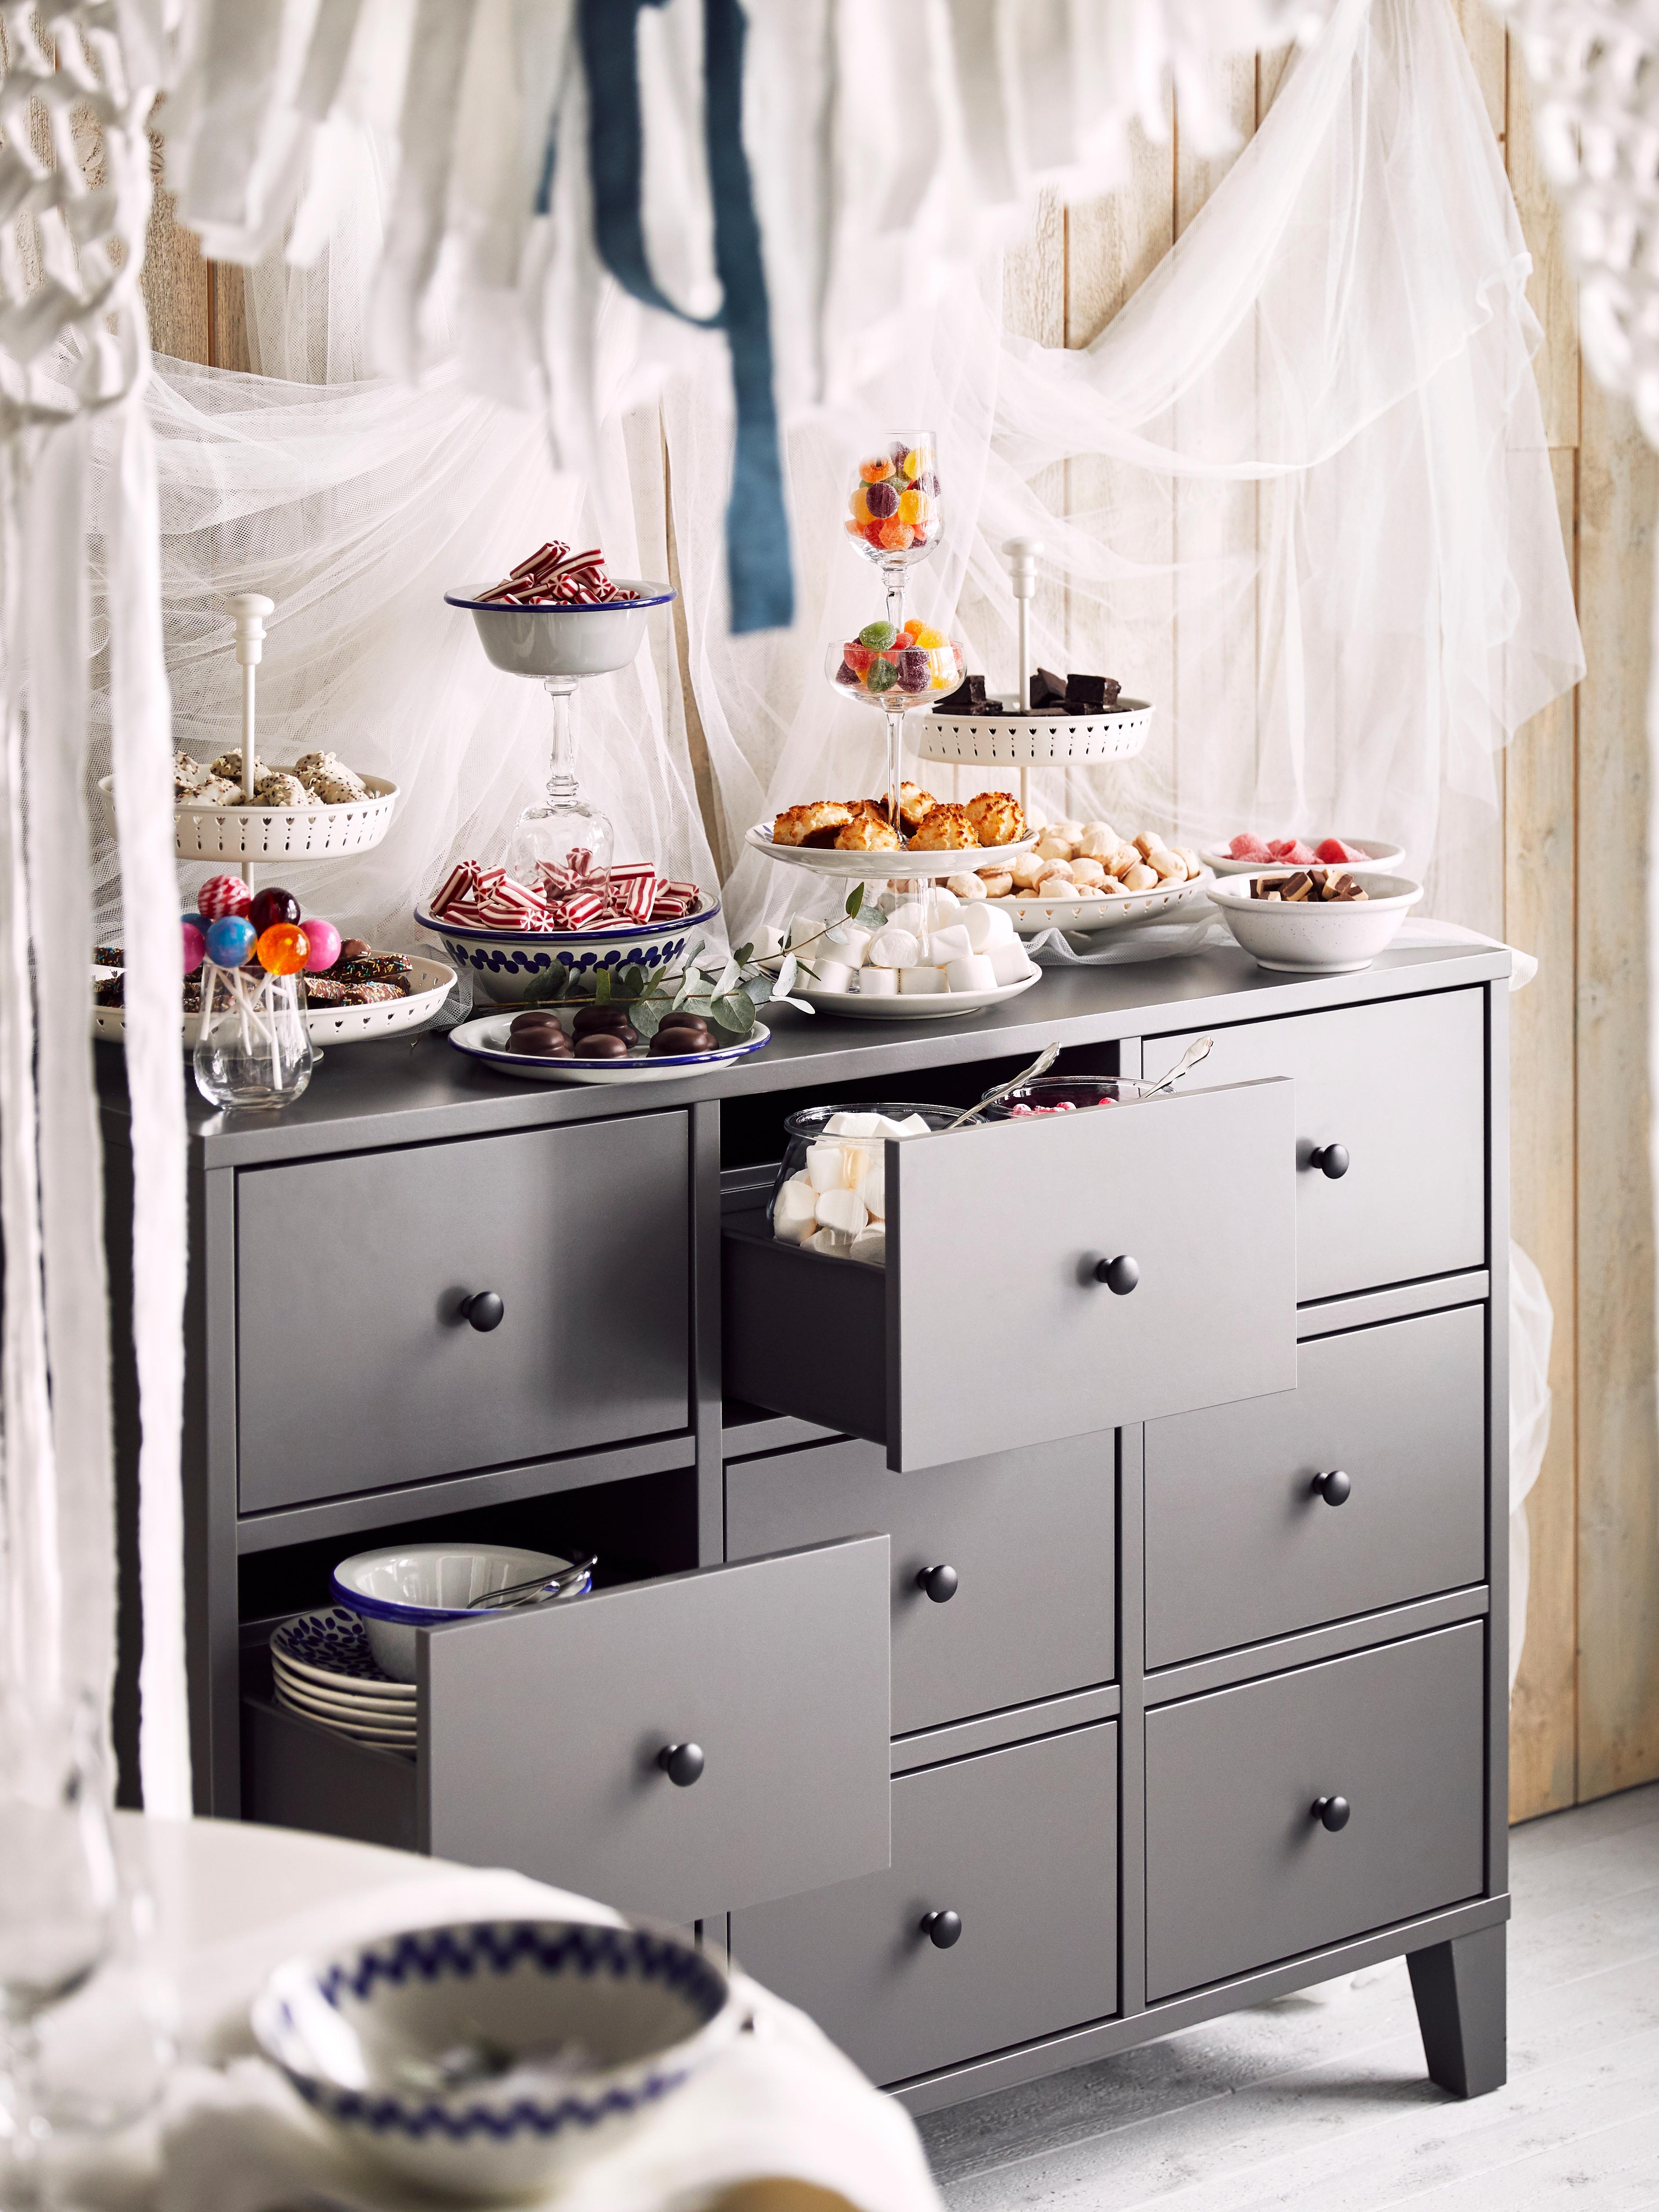 Siva BRYGGJA komoda s devet fioka, od kojih su dve otvorene, prekrivena činijama i tanjirima sa slatkišima.